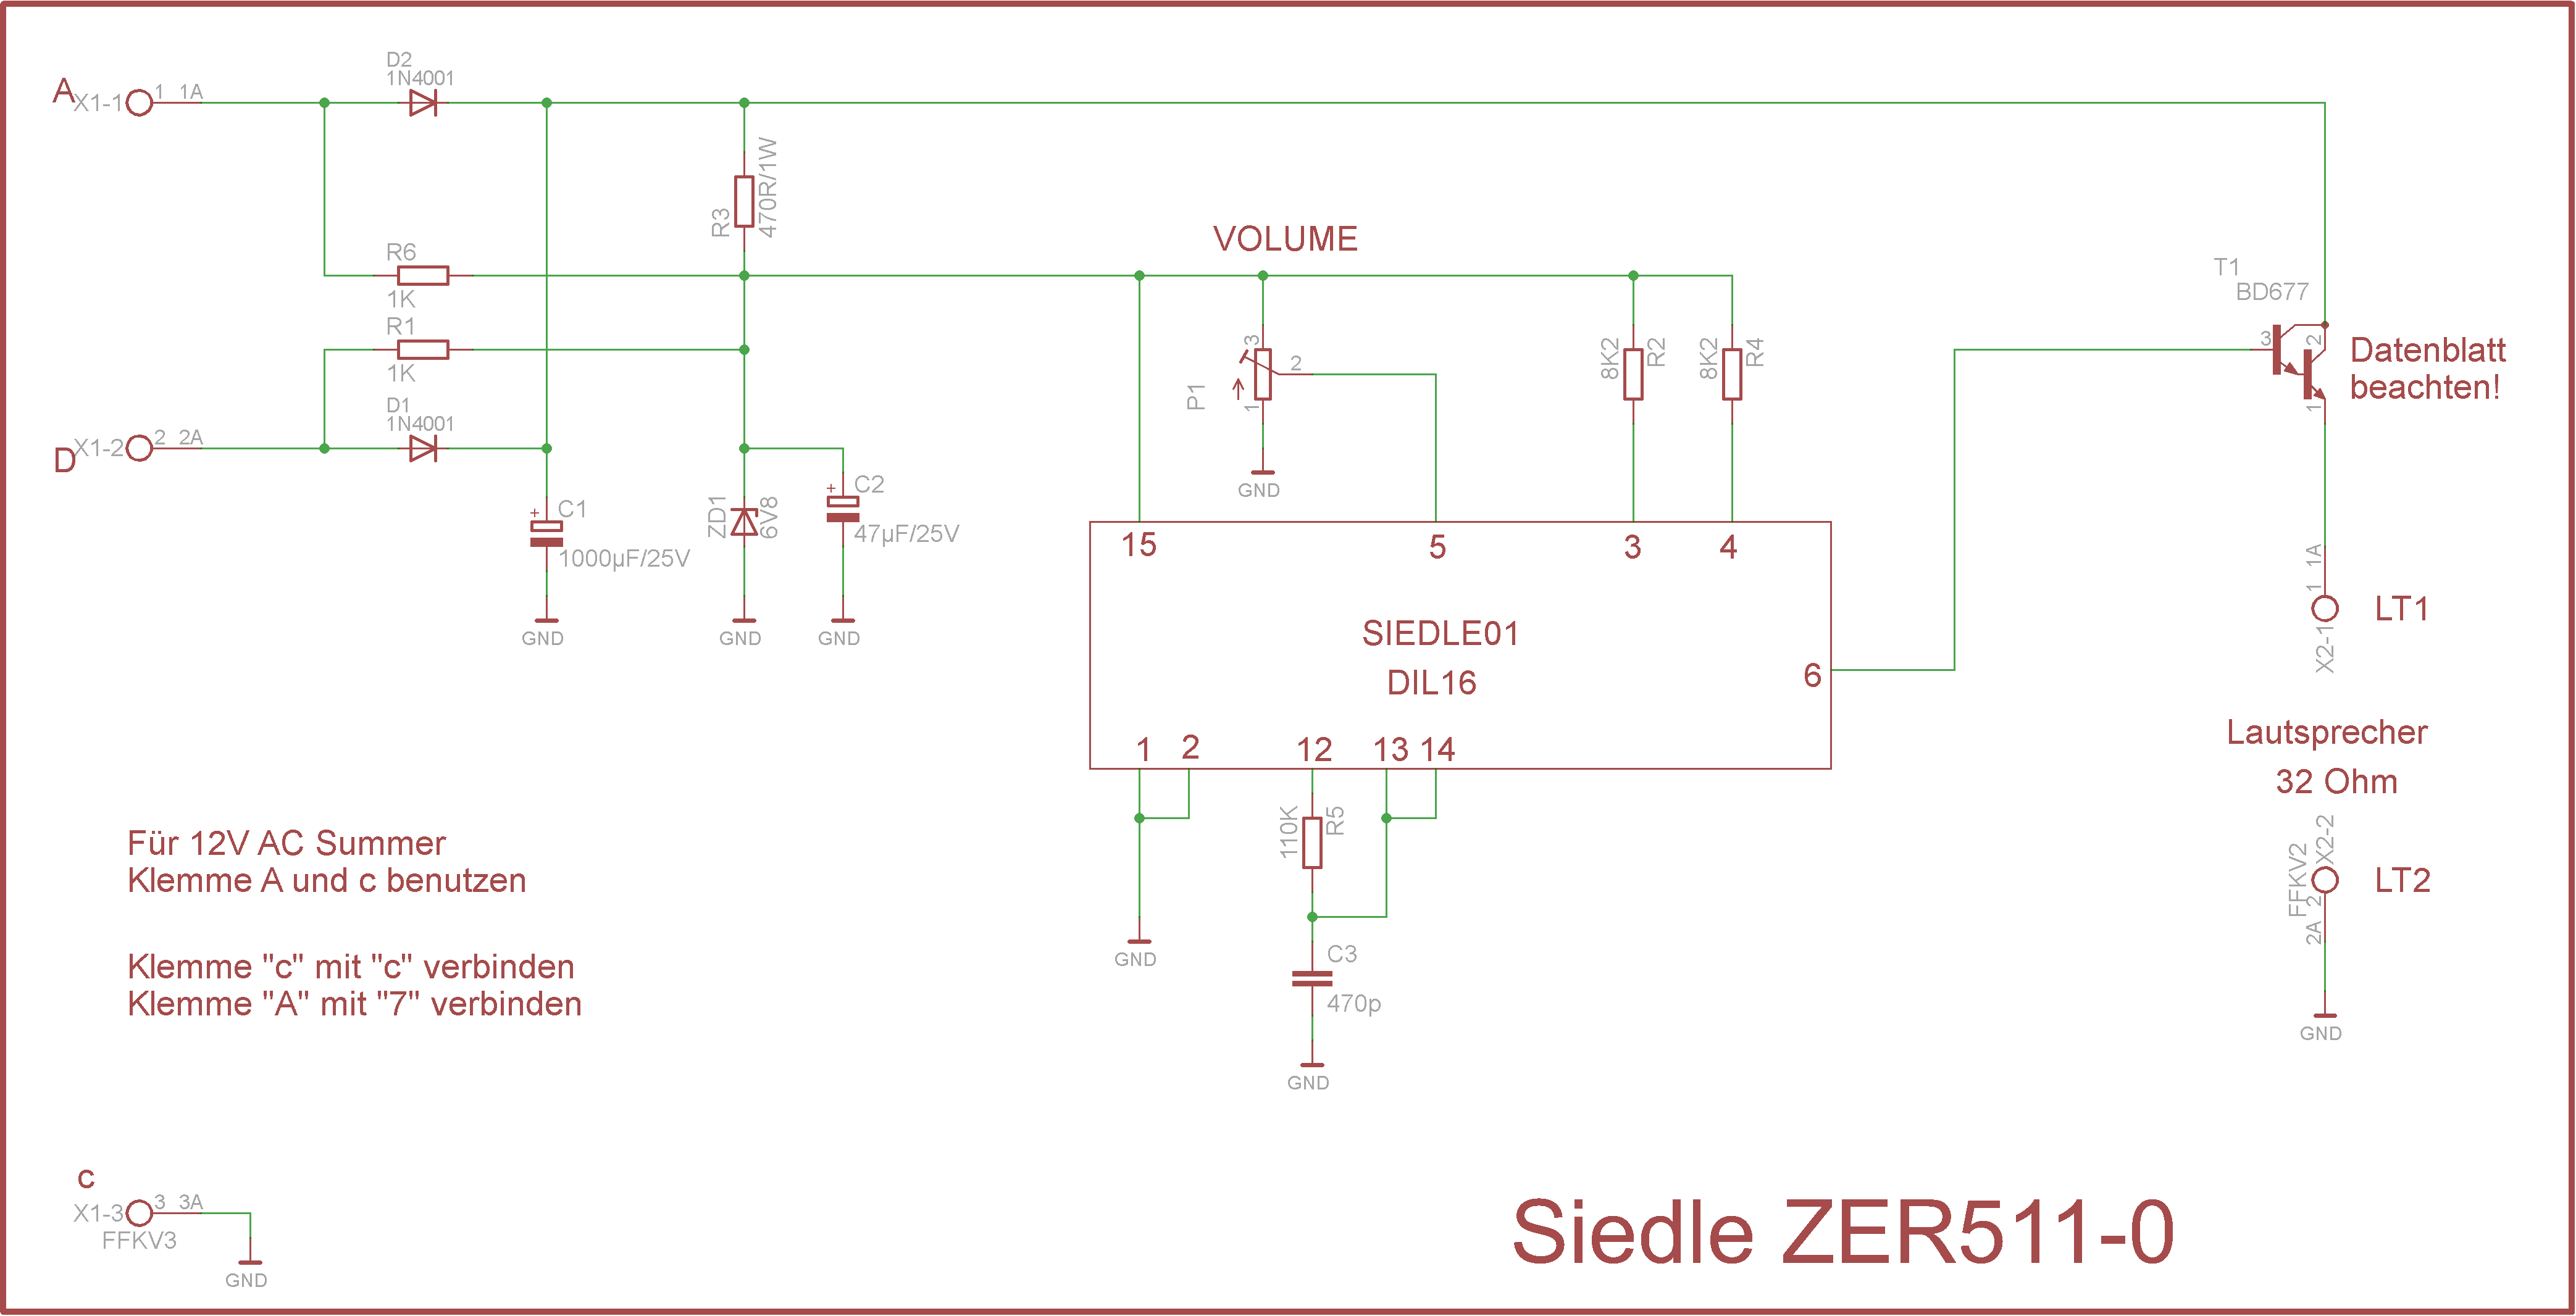 Schön Schaltpläne Software Bilder - Schaltplan Serie Circuit ...